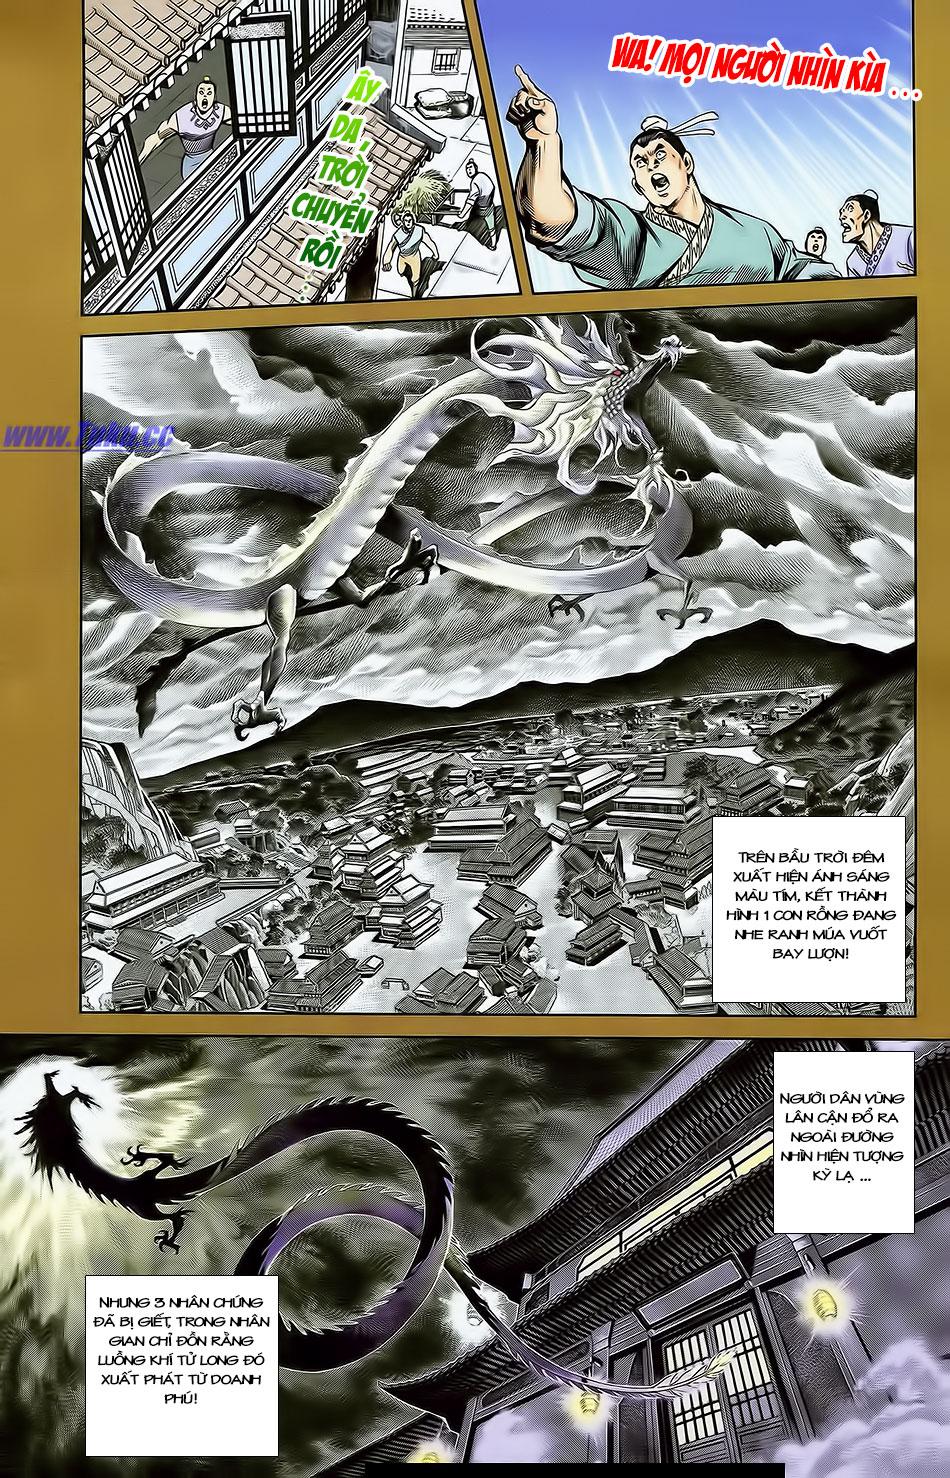 Tần Vương Doanh Chính chapter 4 trang 4